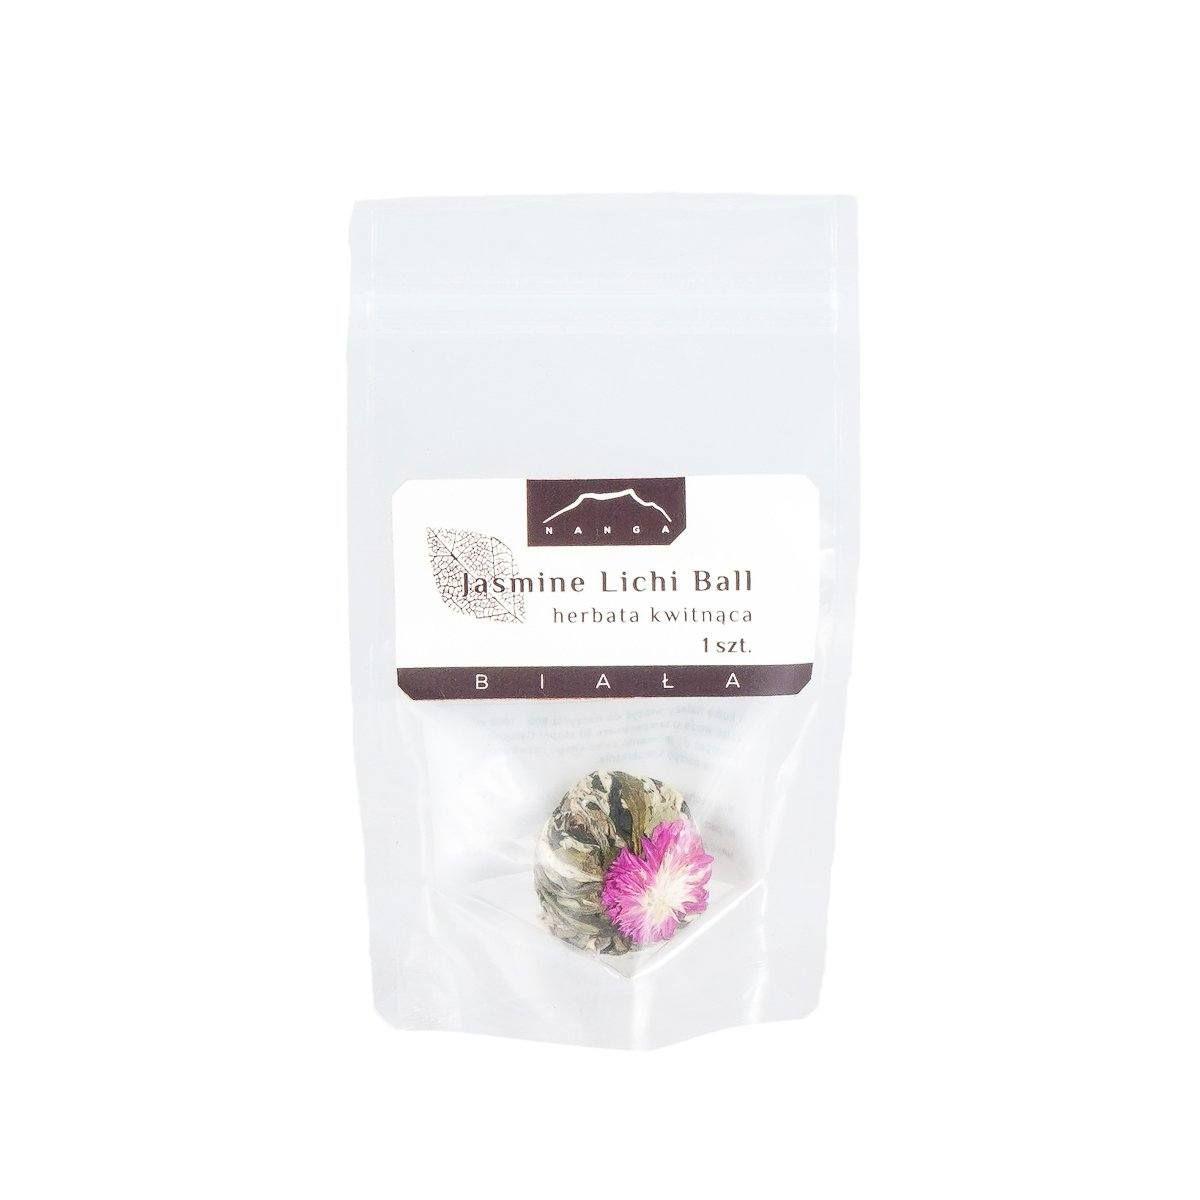 Herbata kwitnąca - Jasmine Lichi Ball